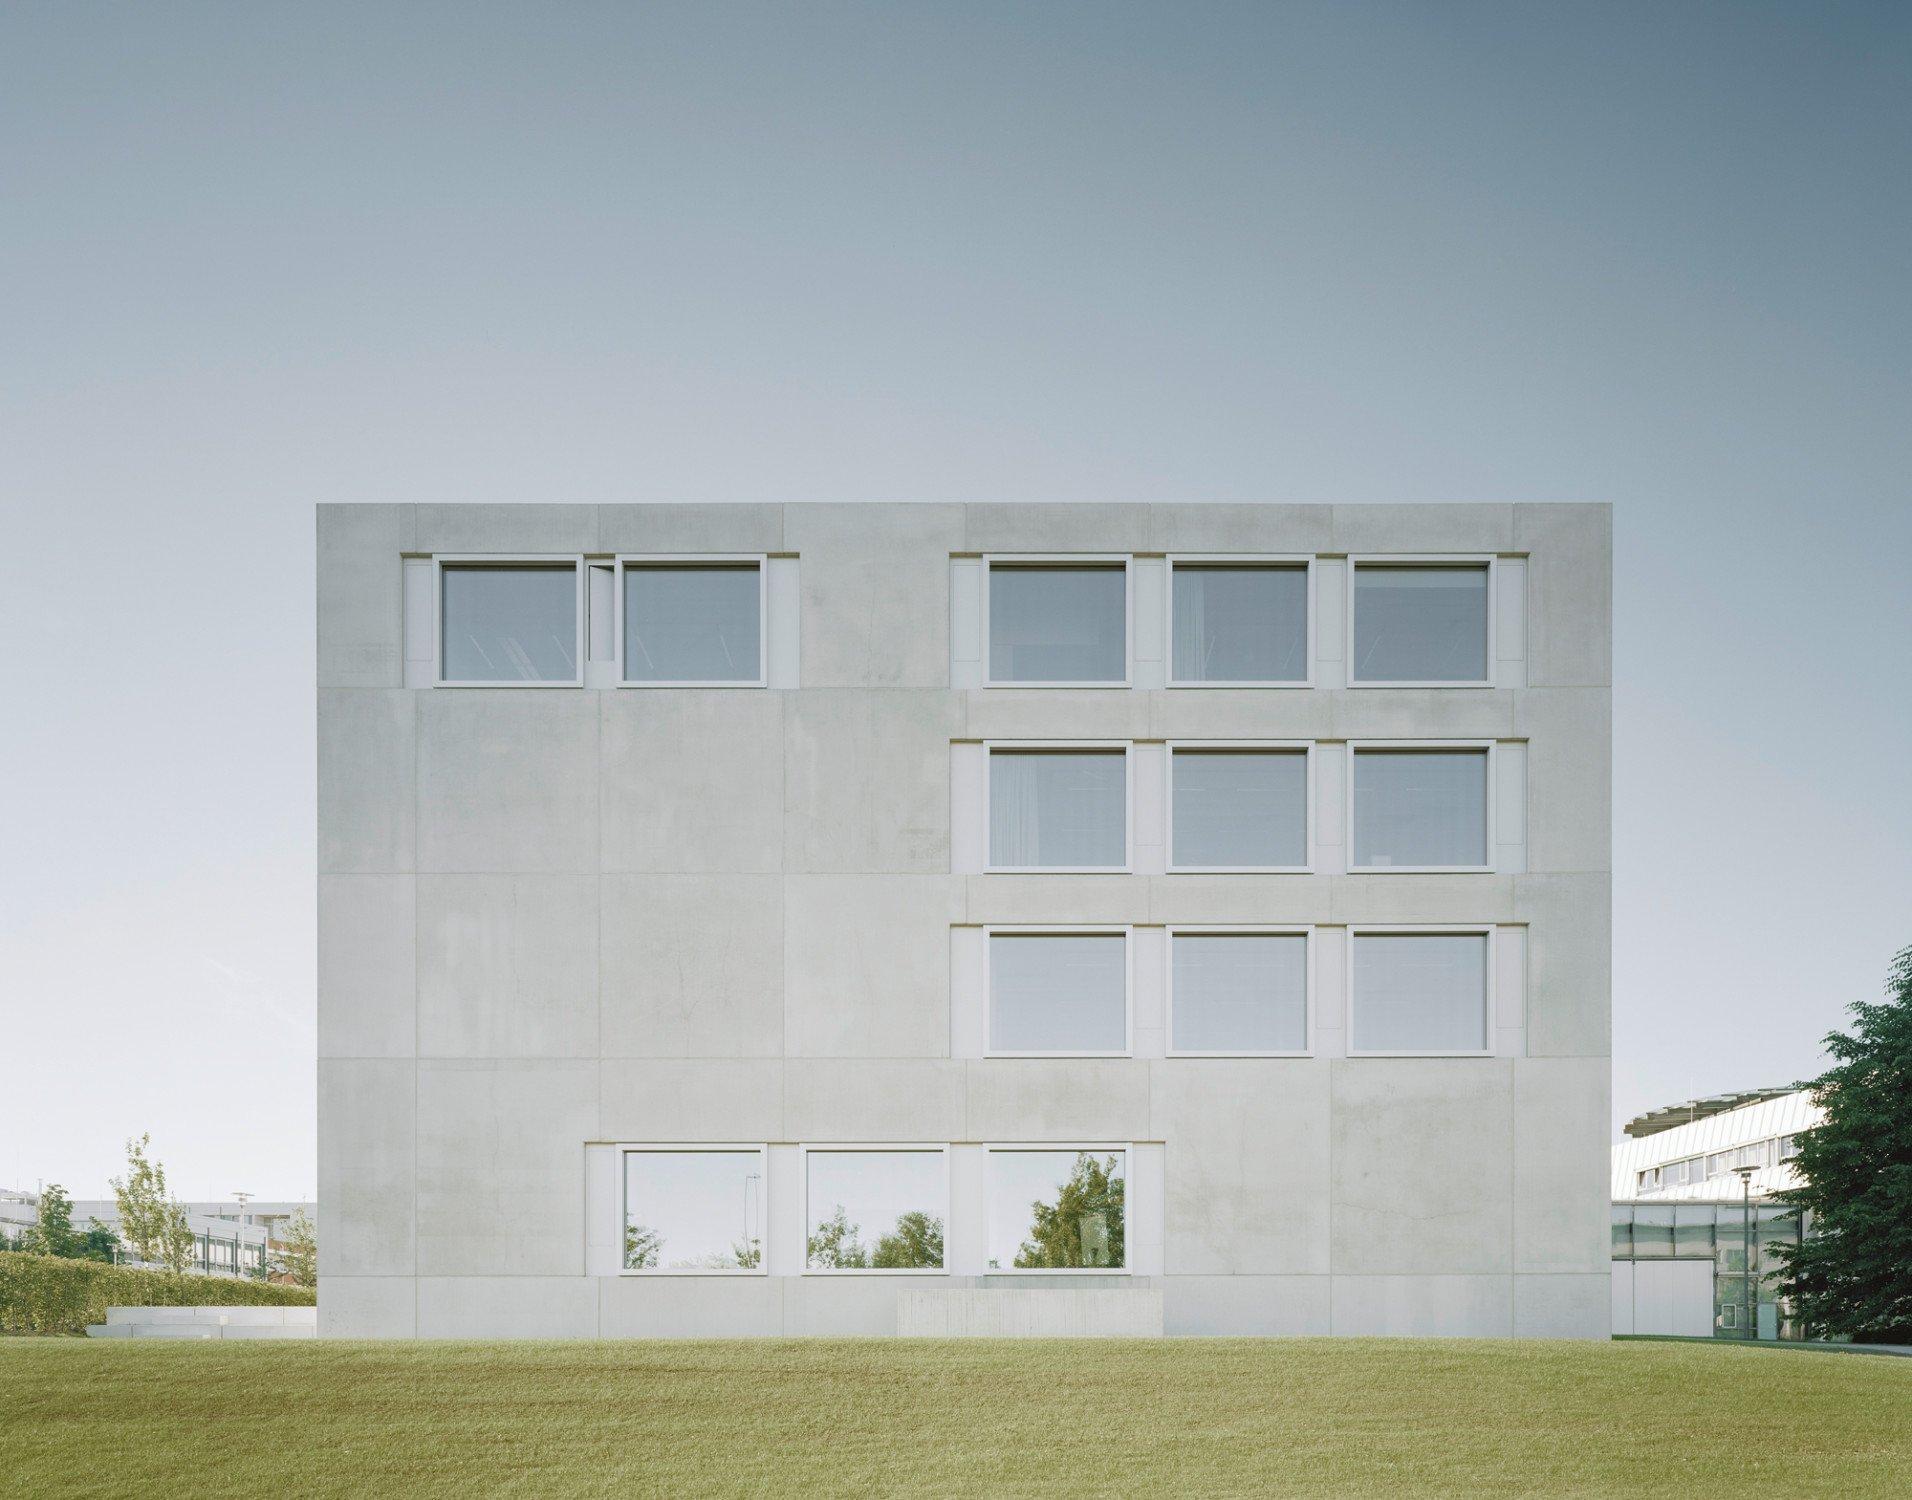 Erweiterung der hochschule der medien in stuttgart beton for Fh stuttgart architektur